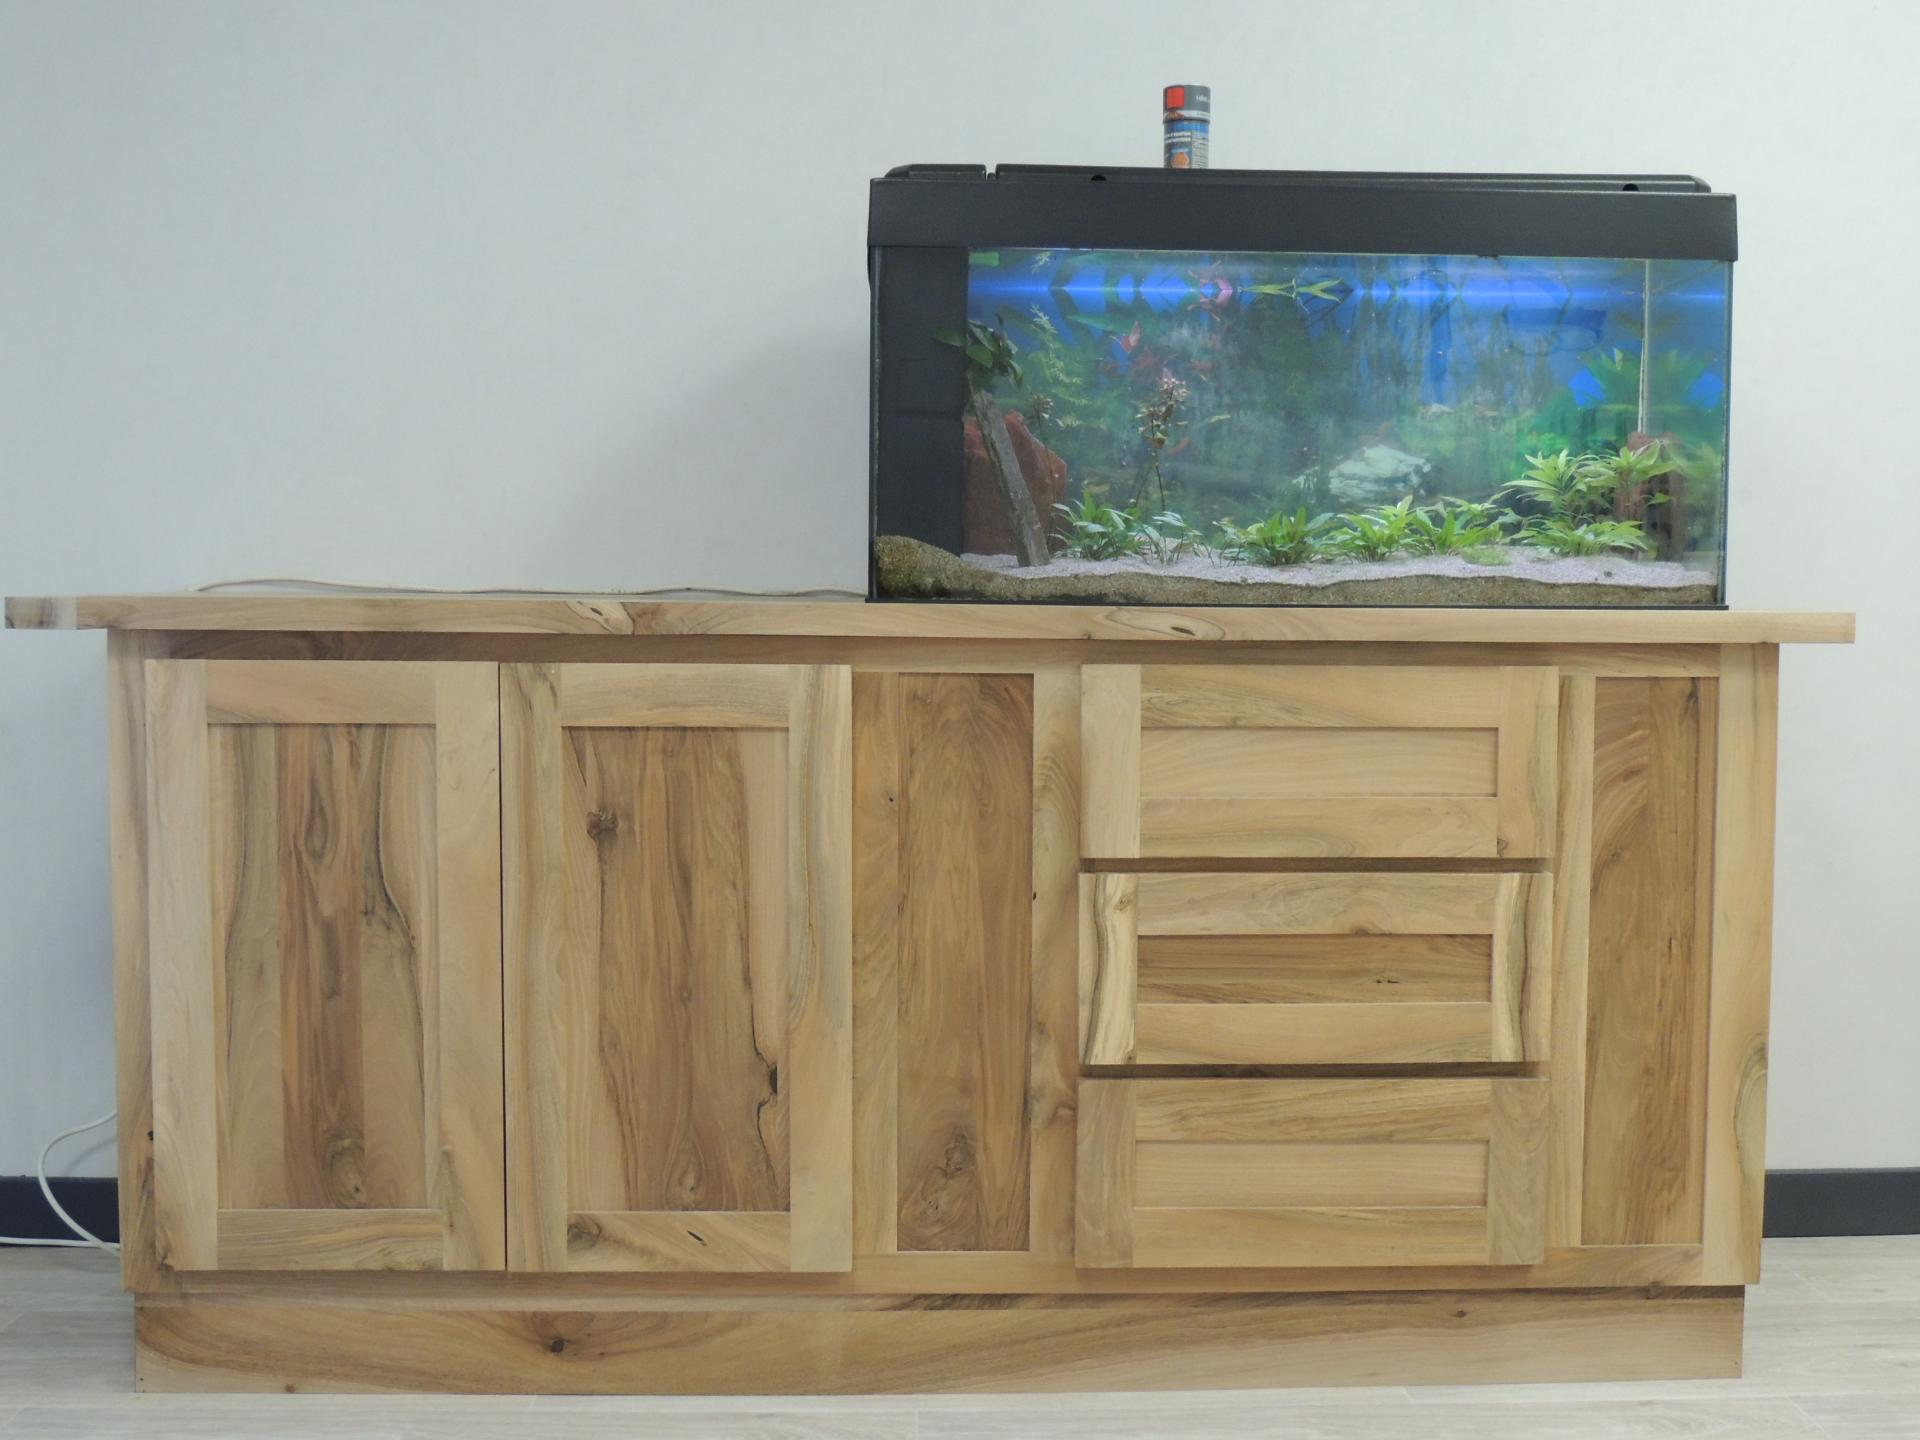 www.ateliercannelle.com - meuble aquarium - Atelier Cannelle -